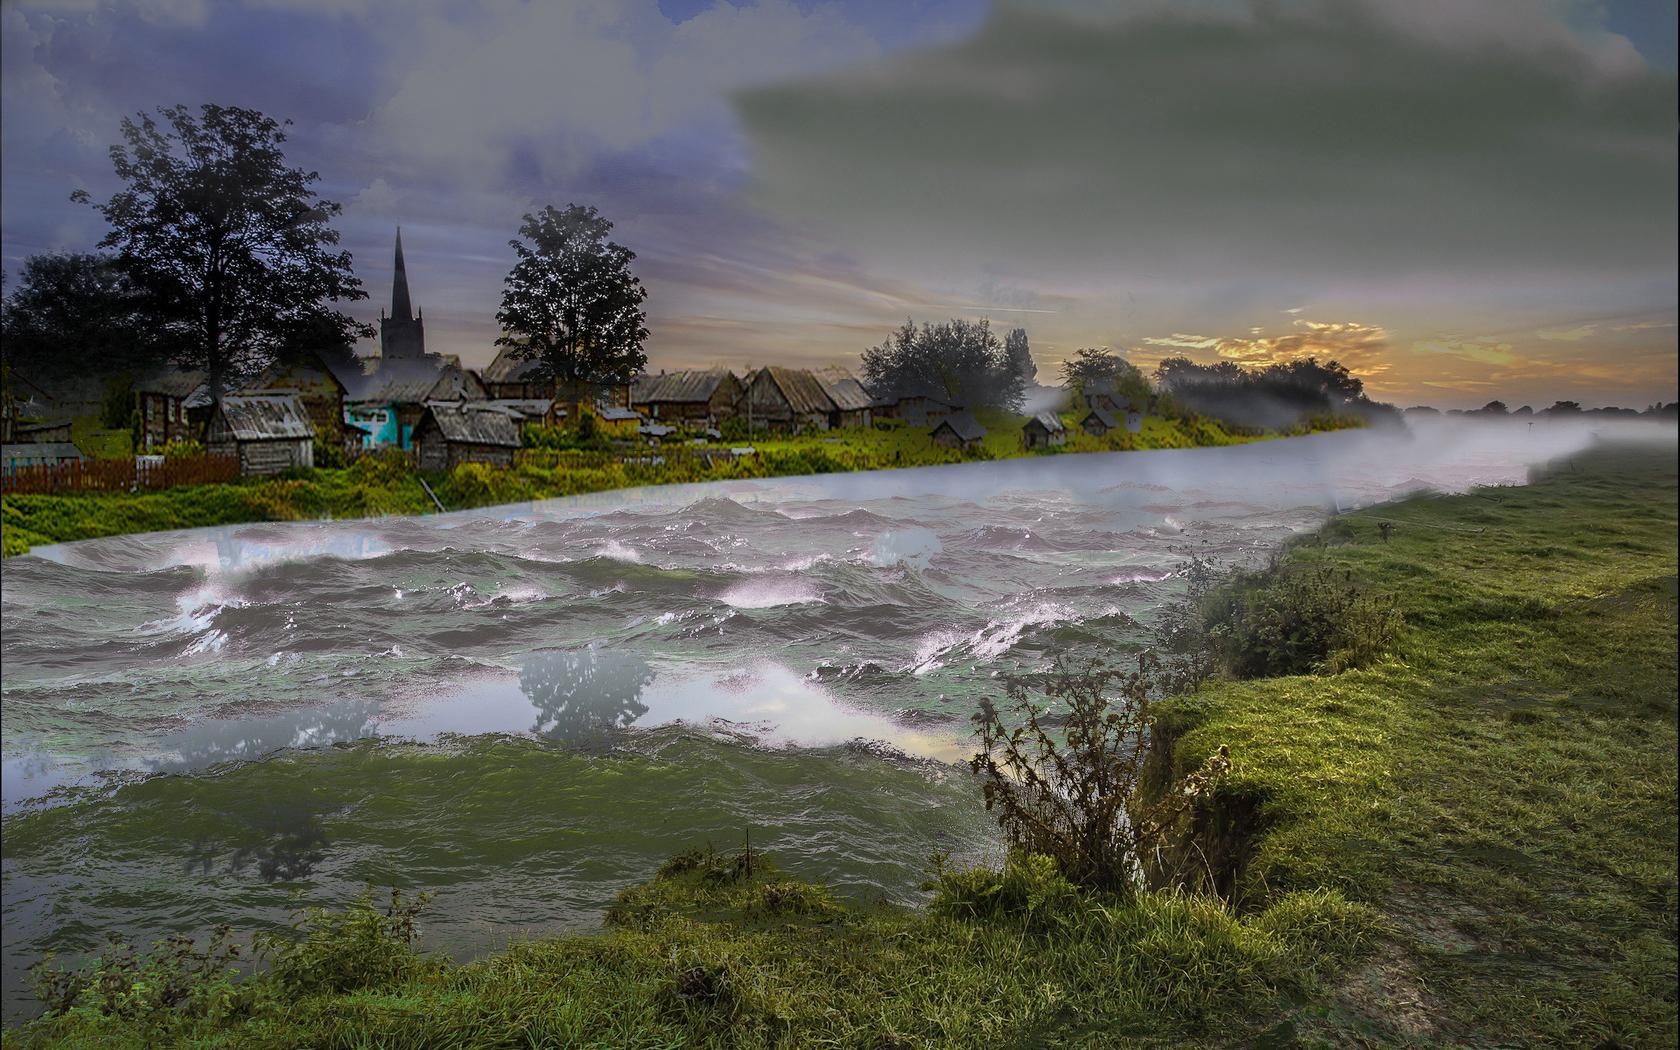 деревня-шторм на реке 1